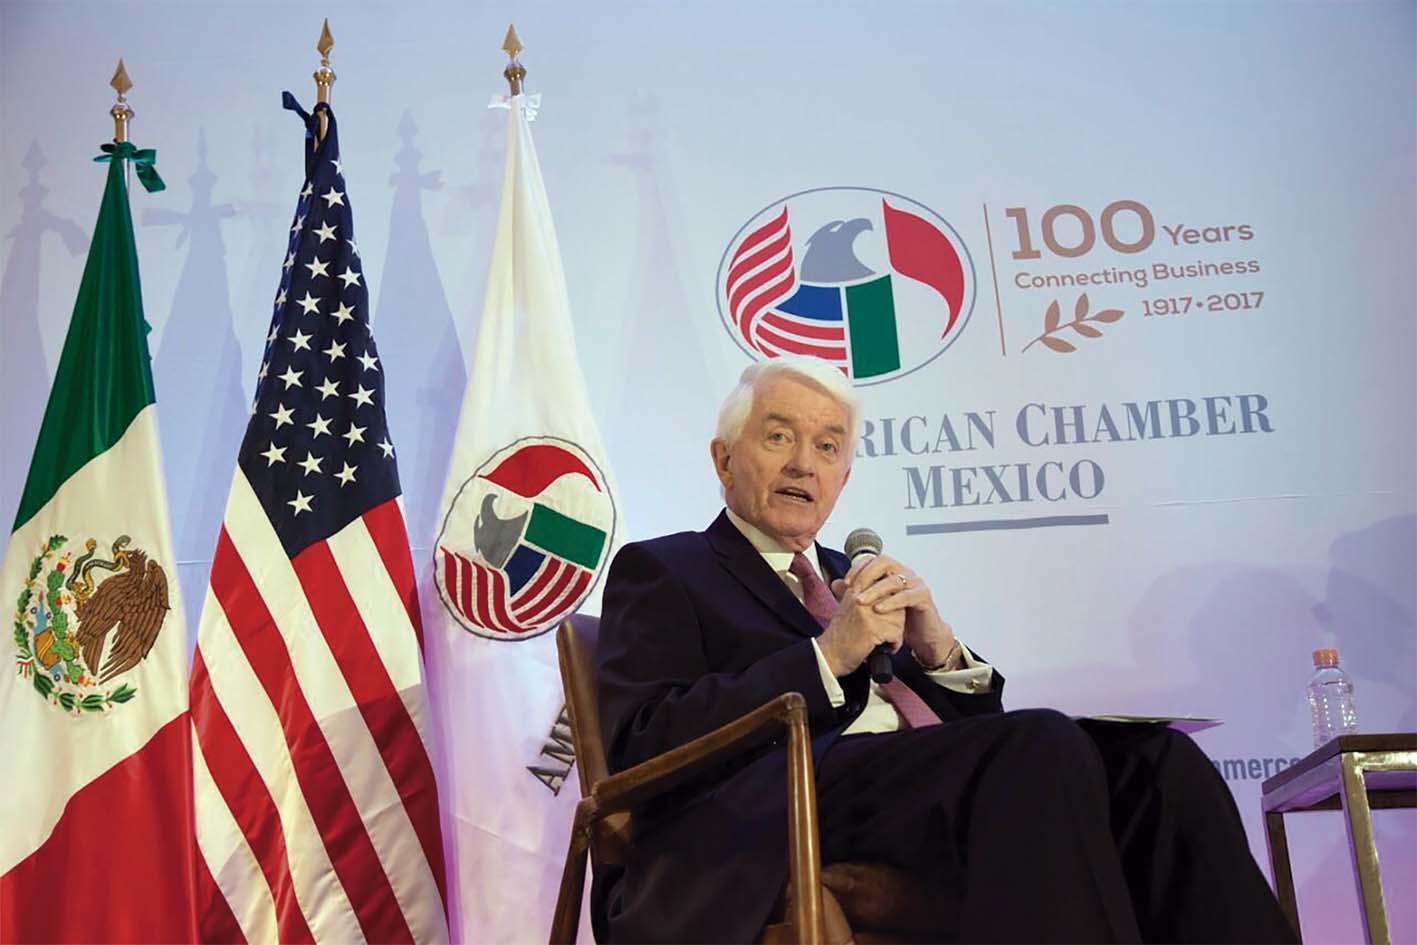 Photo of La comunidad de negocios de México y EE.UU. reafirma la importancia de nuestra relación a largo plazo